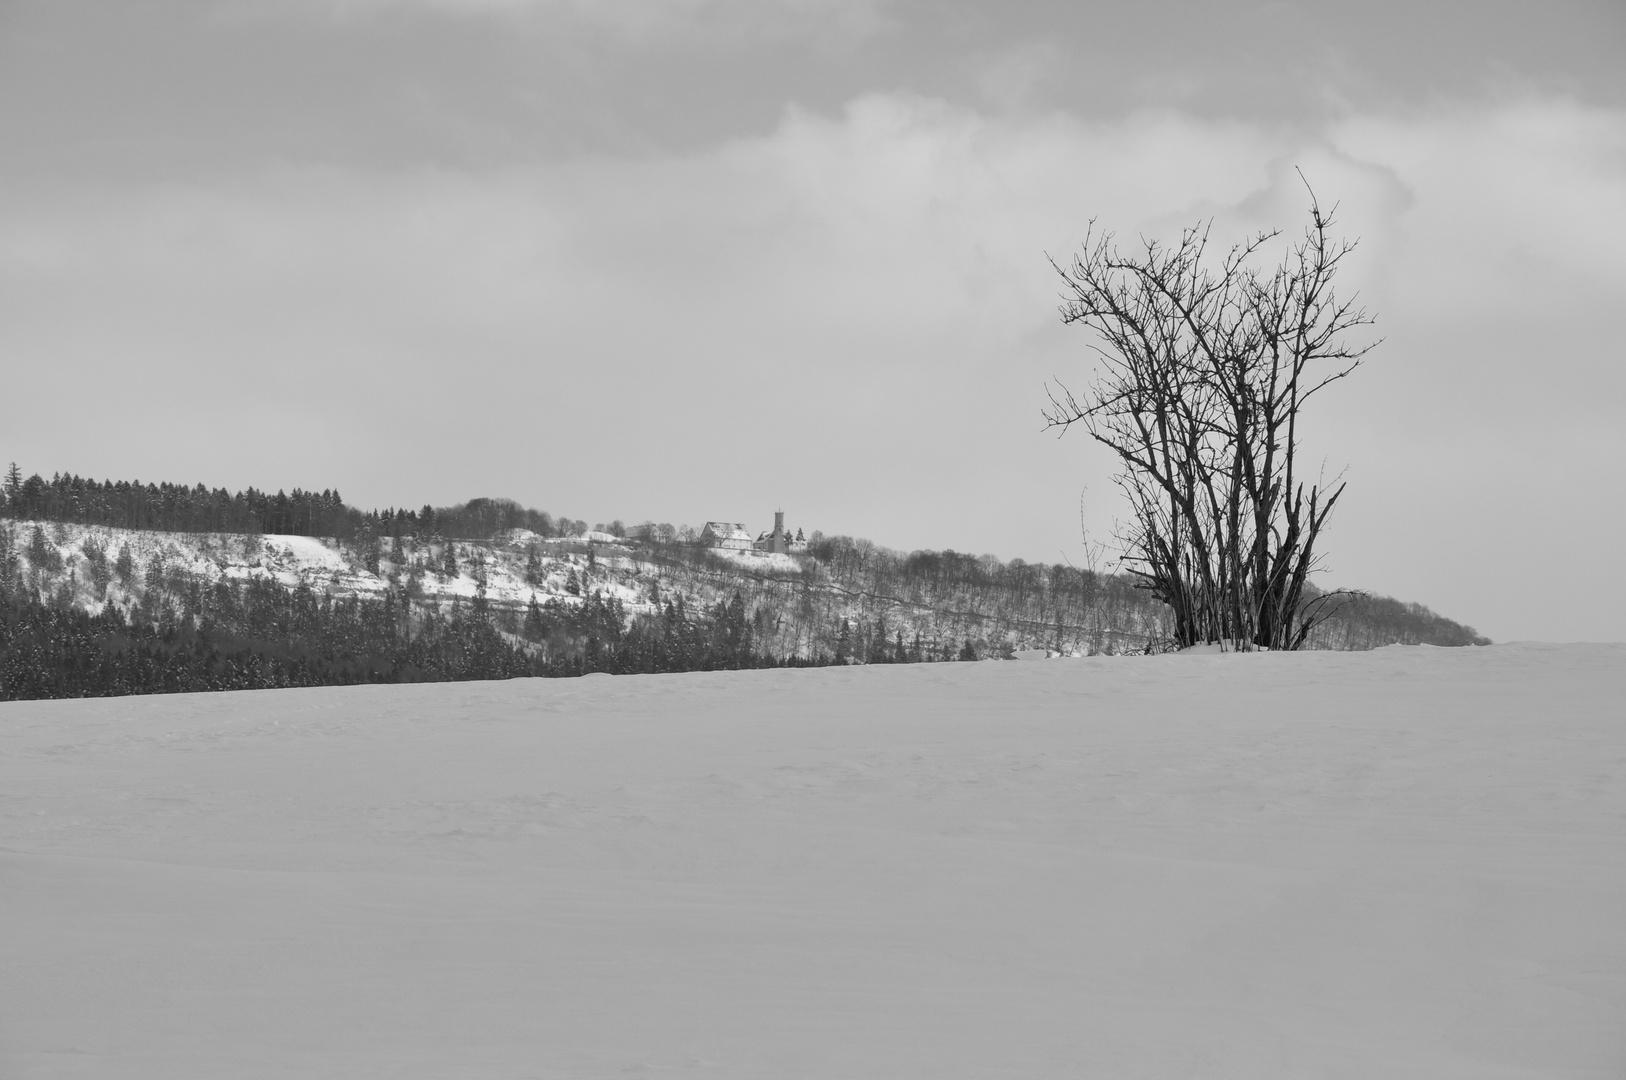 21.02.2013 - Grau -